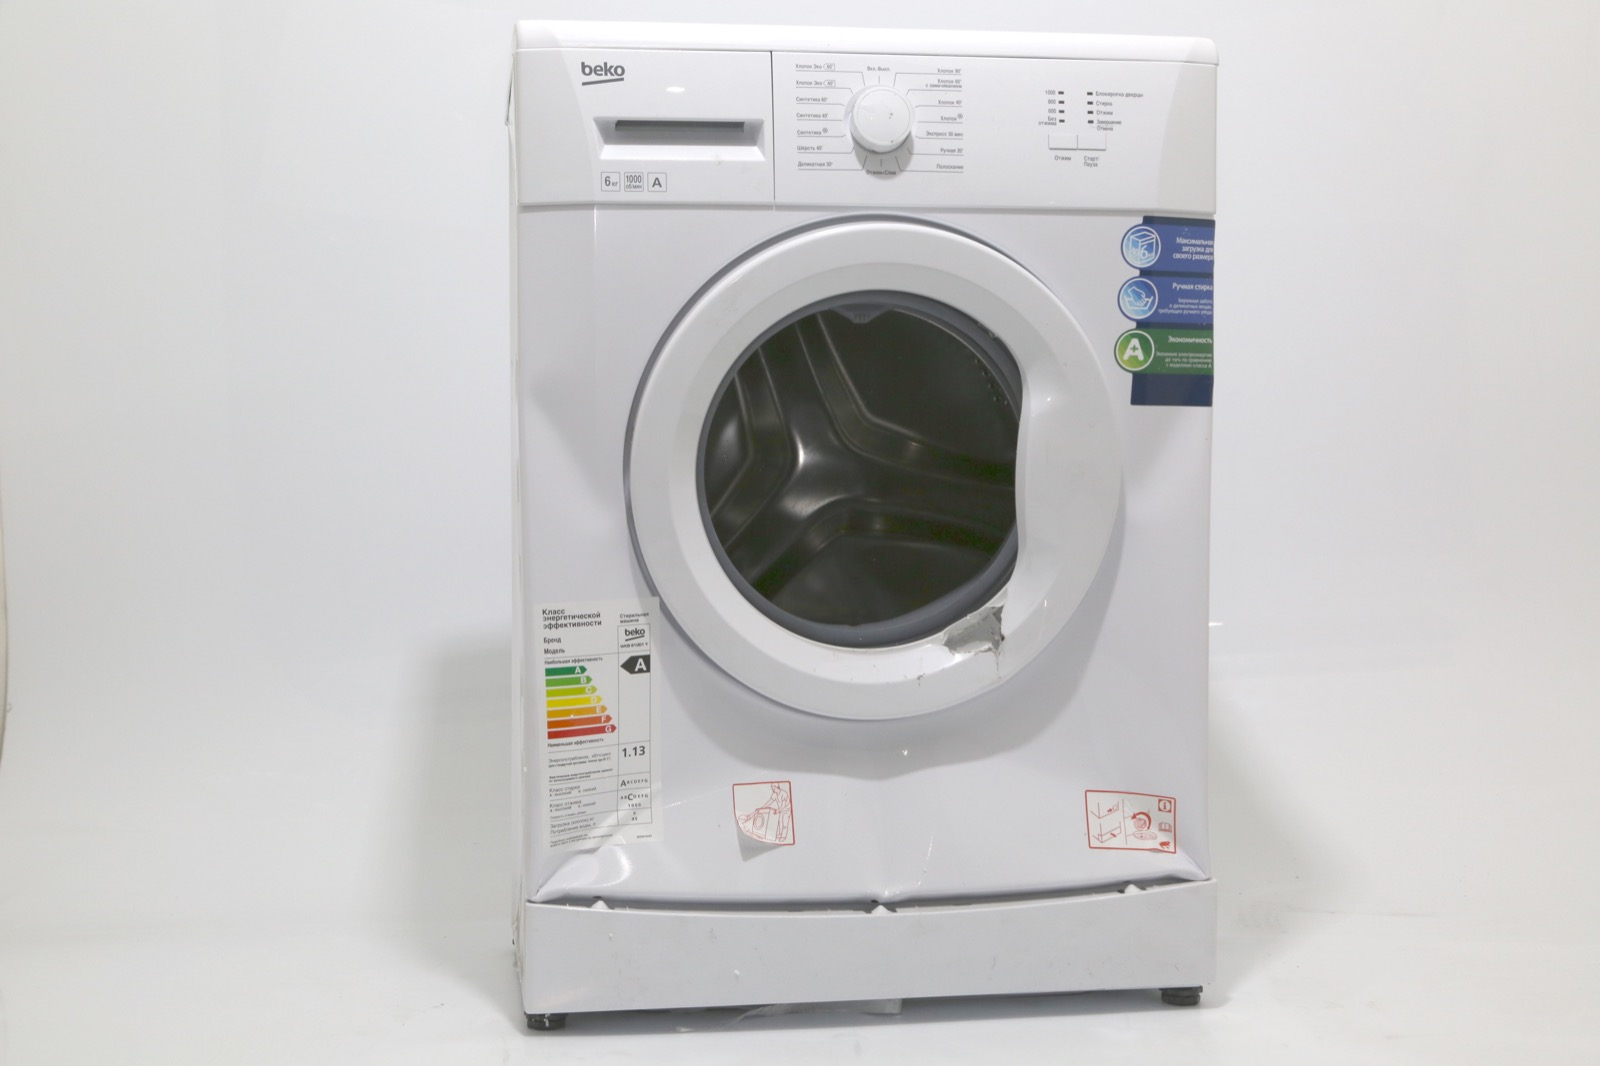 стиральная машина beko отзывы форум